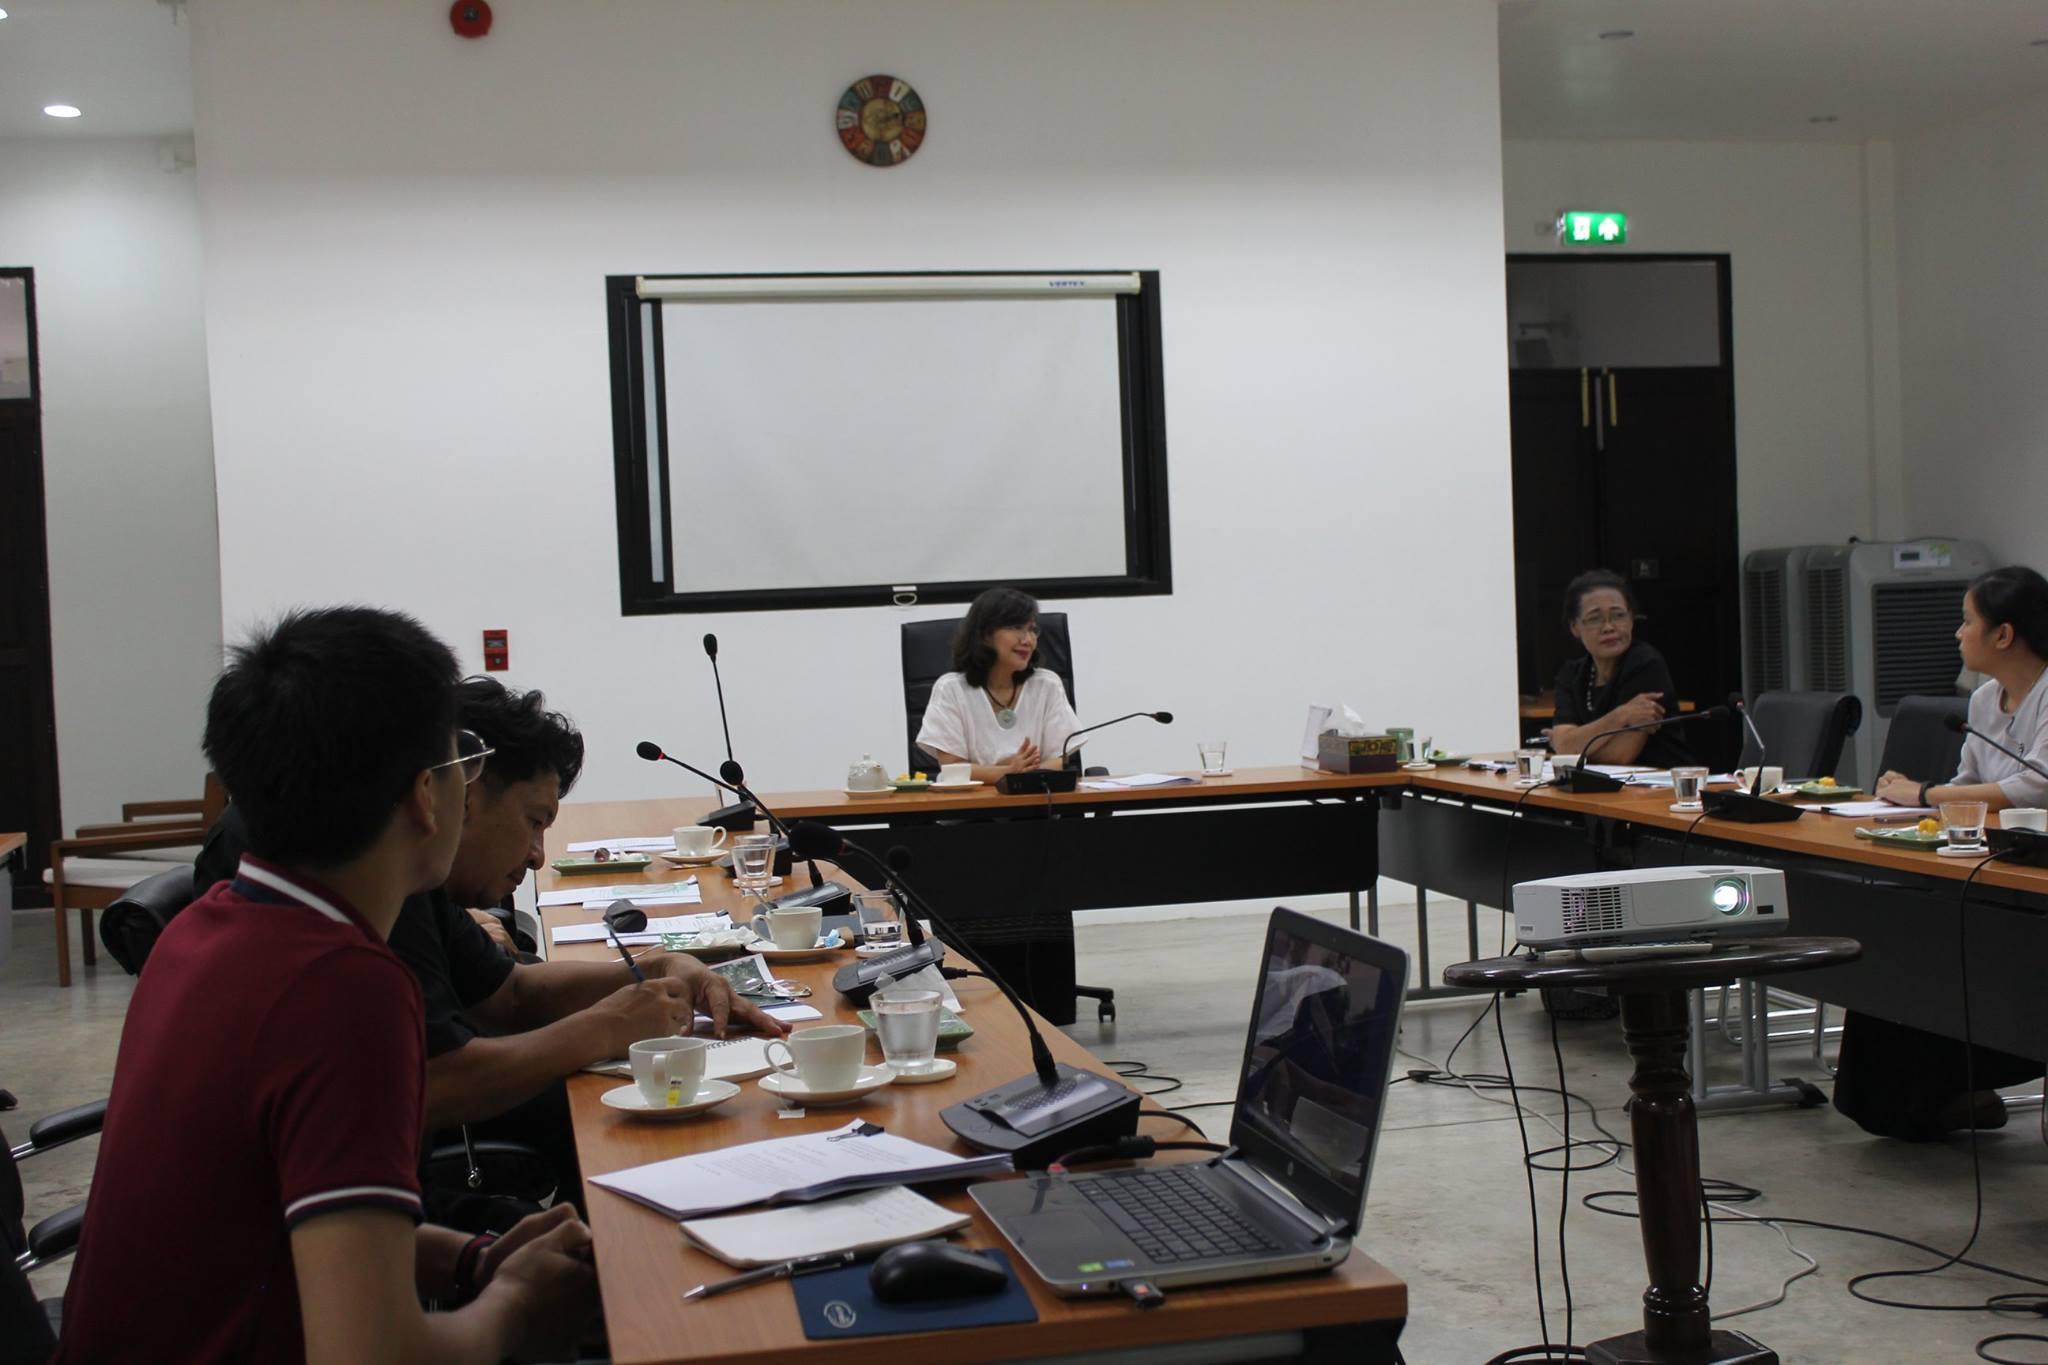 ประชุมคณะกรรมการตรวจรับพัสดุในโครงการอนุรักษ์หลองข้าวป่าซาง จังหวัดลำพูน ครั้งที่ 4/2560 เมื่อวันที่ 29 มิถุนายน 2560